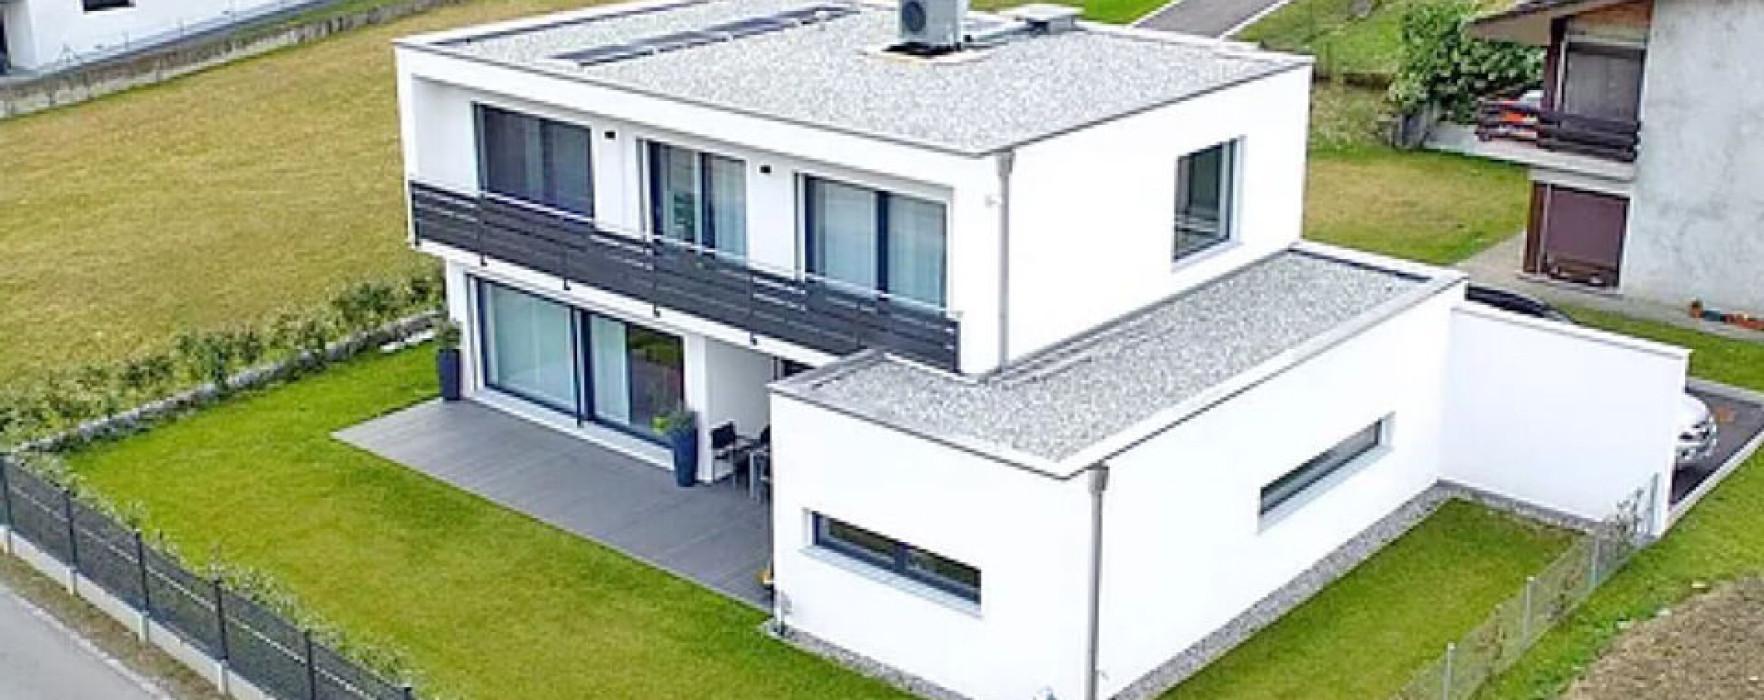 La Foca House: Case in Legno Ecosostenibili ed Economiche